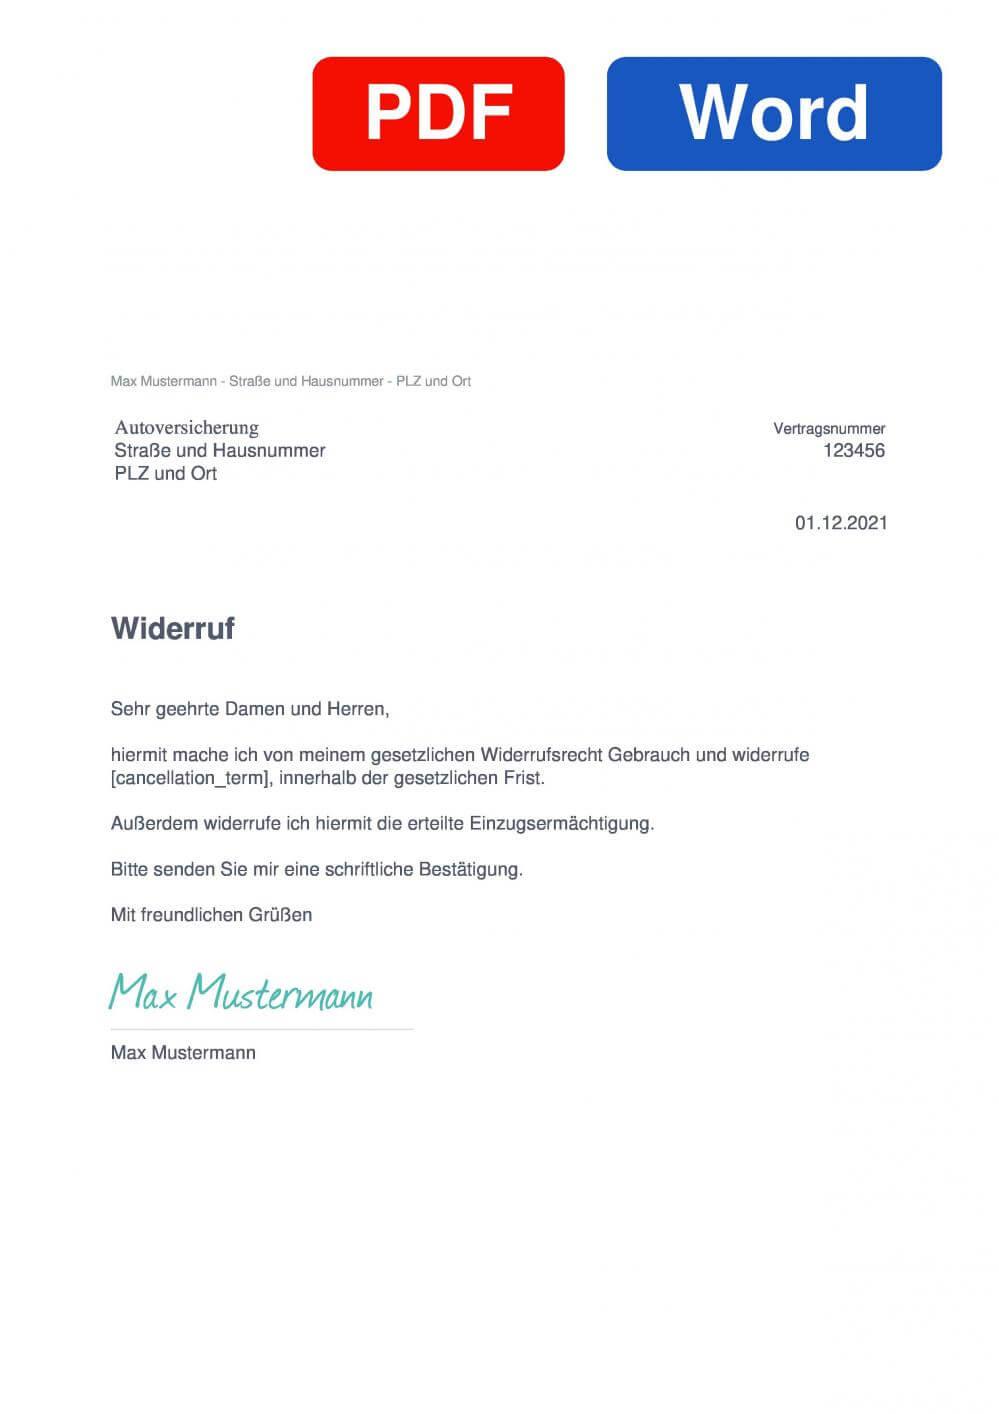 Autoversicherung Muster Vorlage für Wiederrufsschreiben